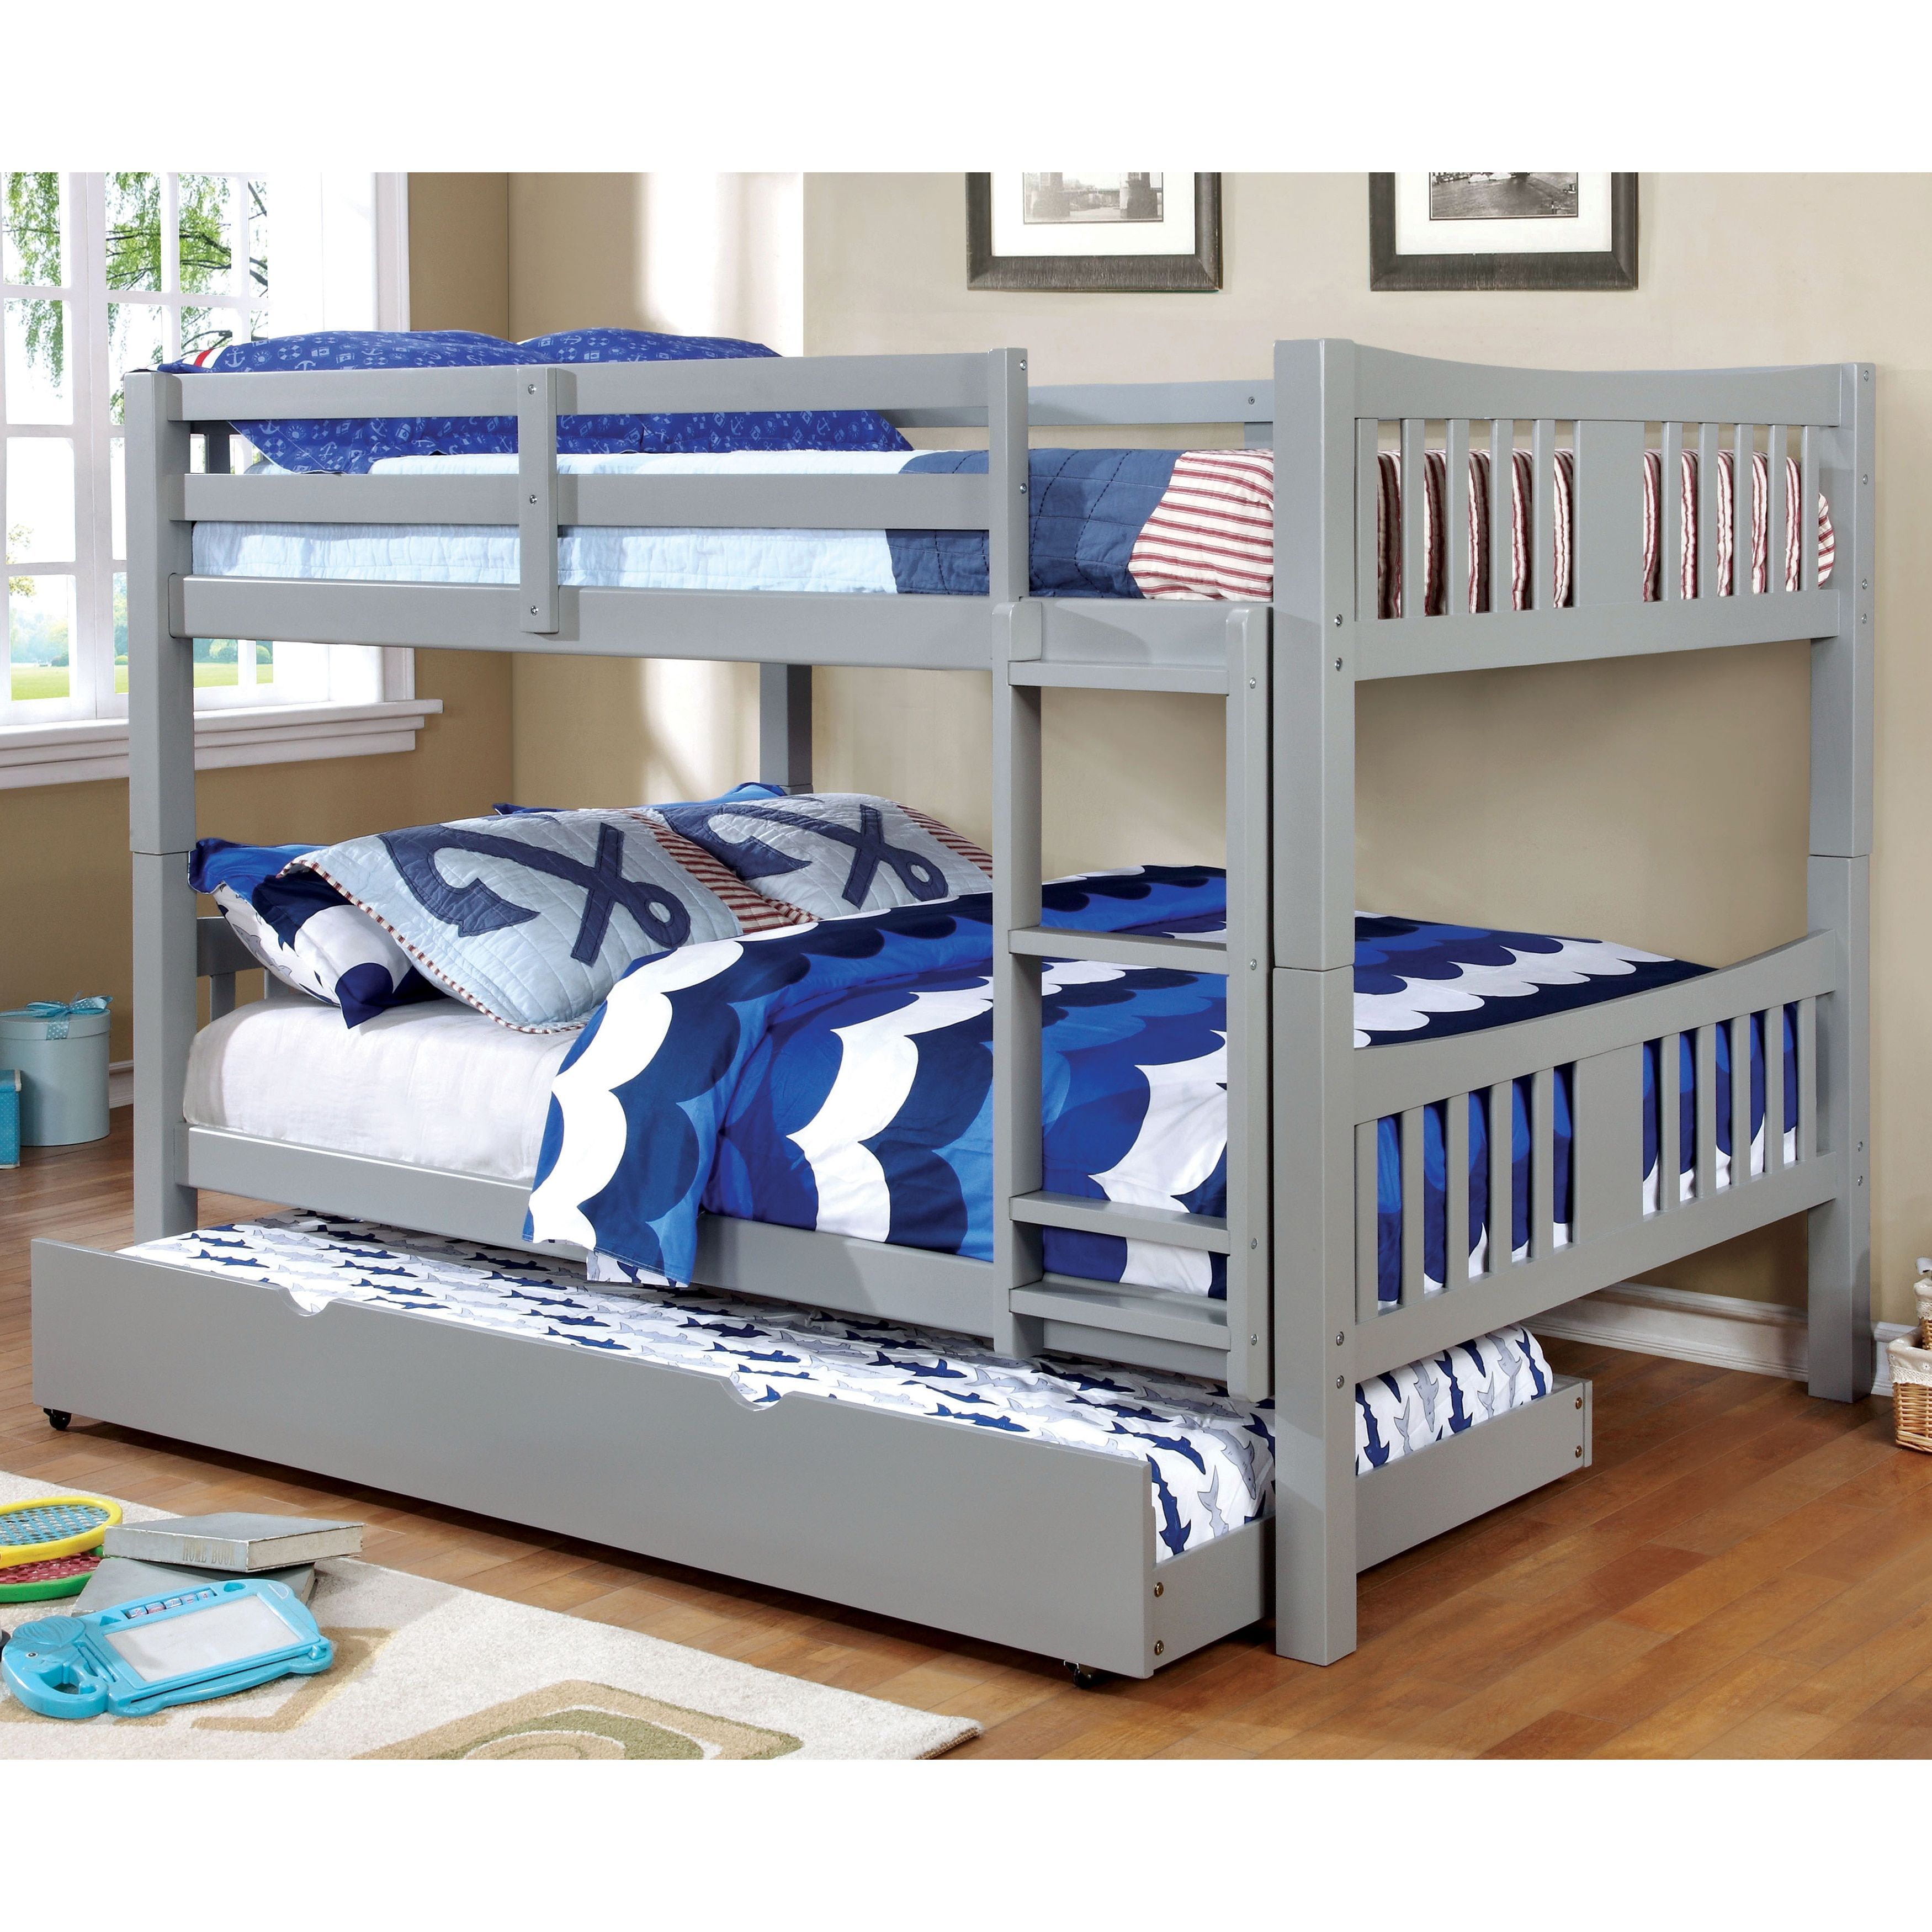 Furniture Of America Pello Full Over Full Slatted Bunk Bed White